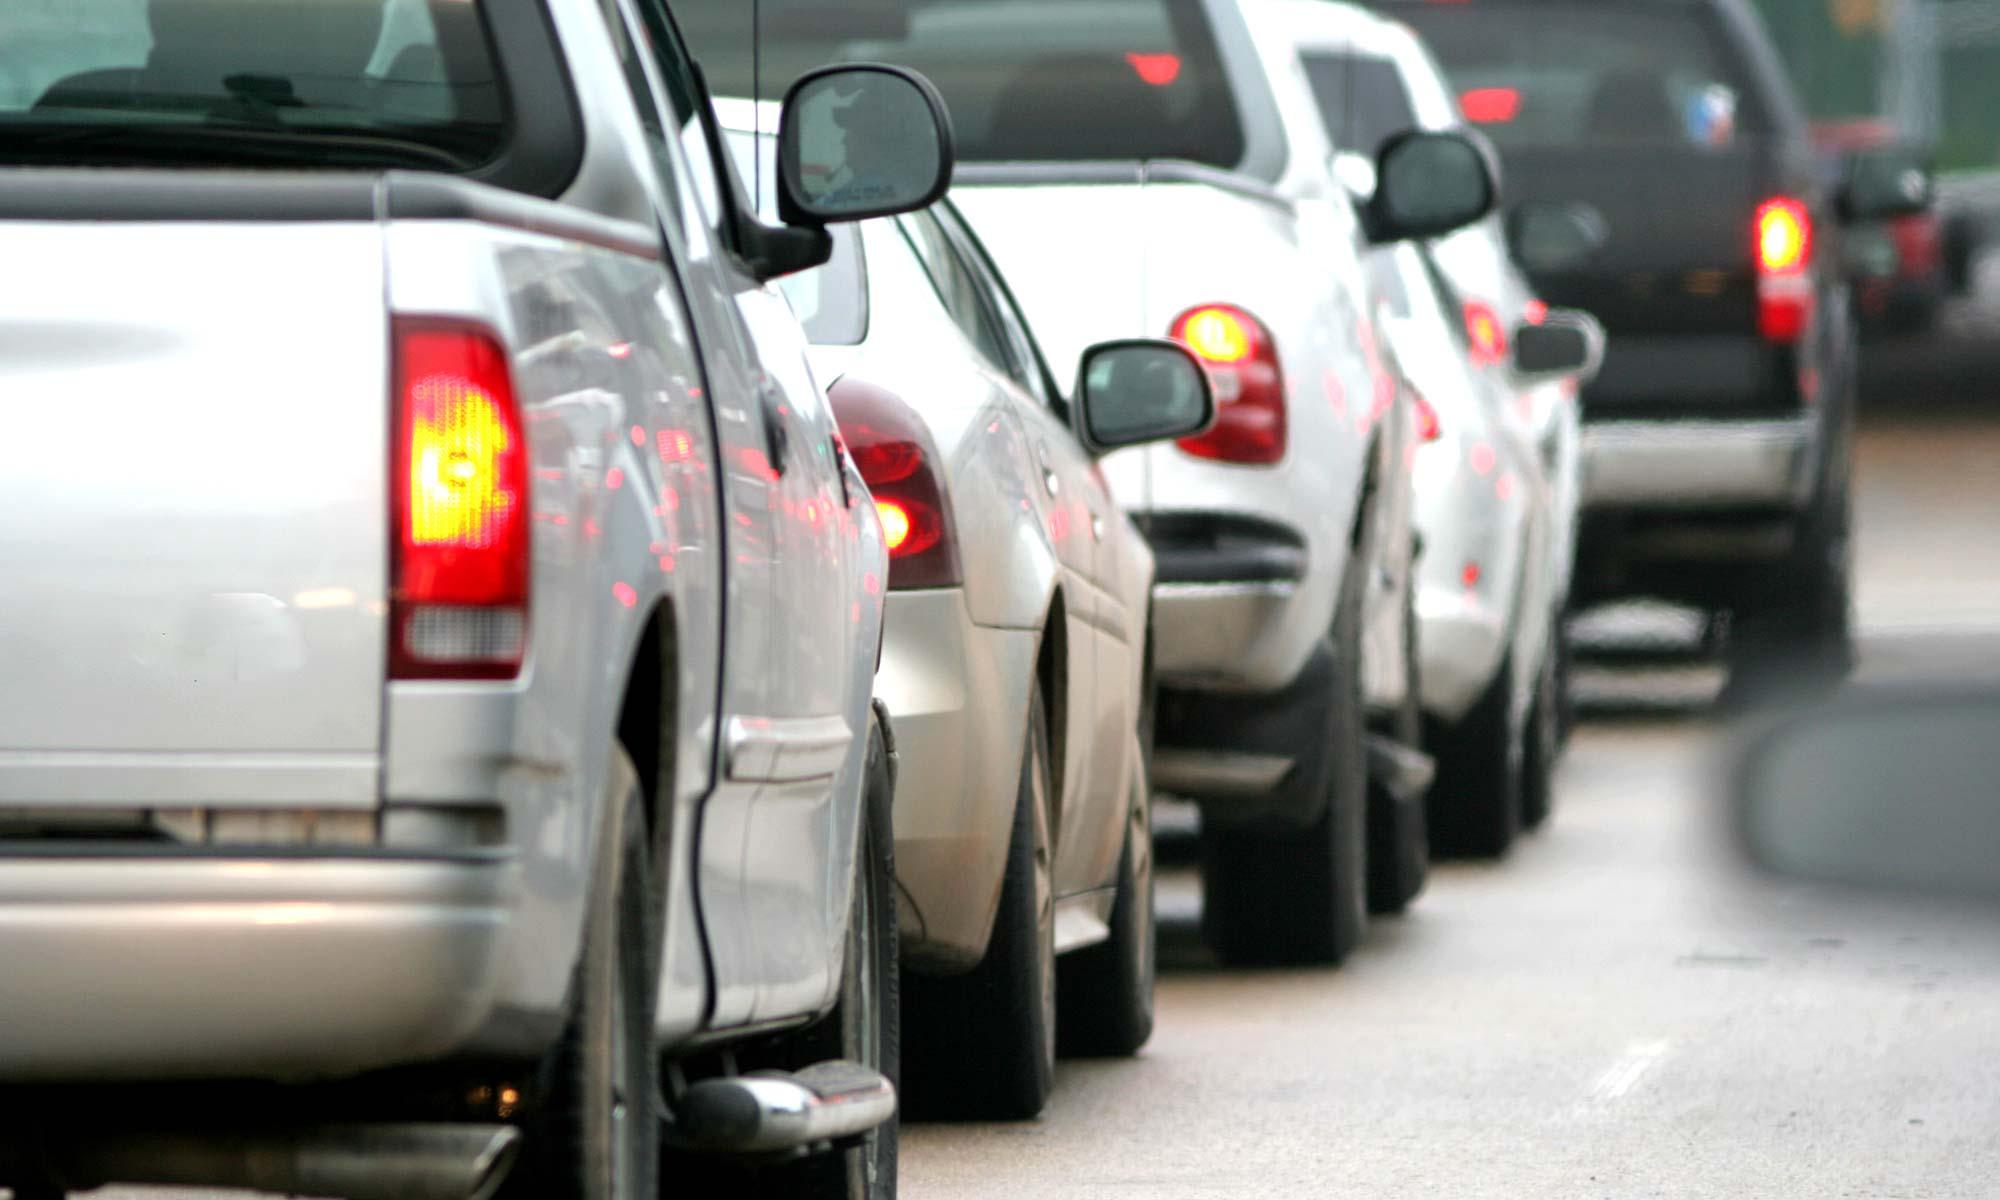 A line of cars in bumper-to-bumper traffic